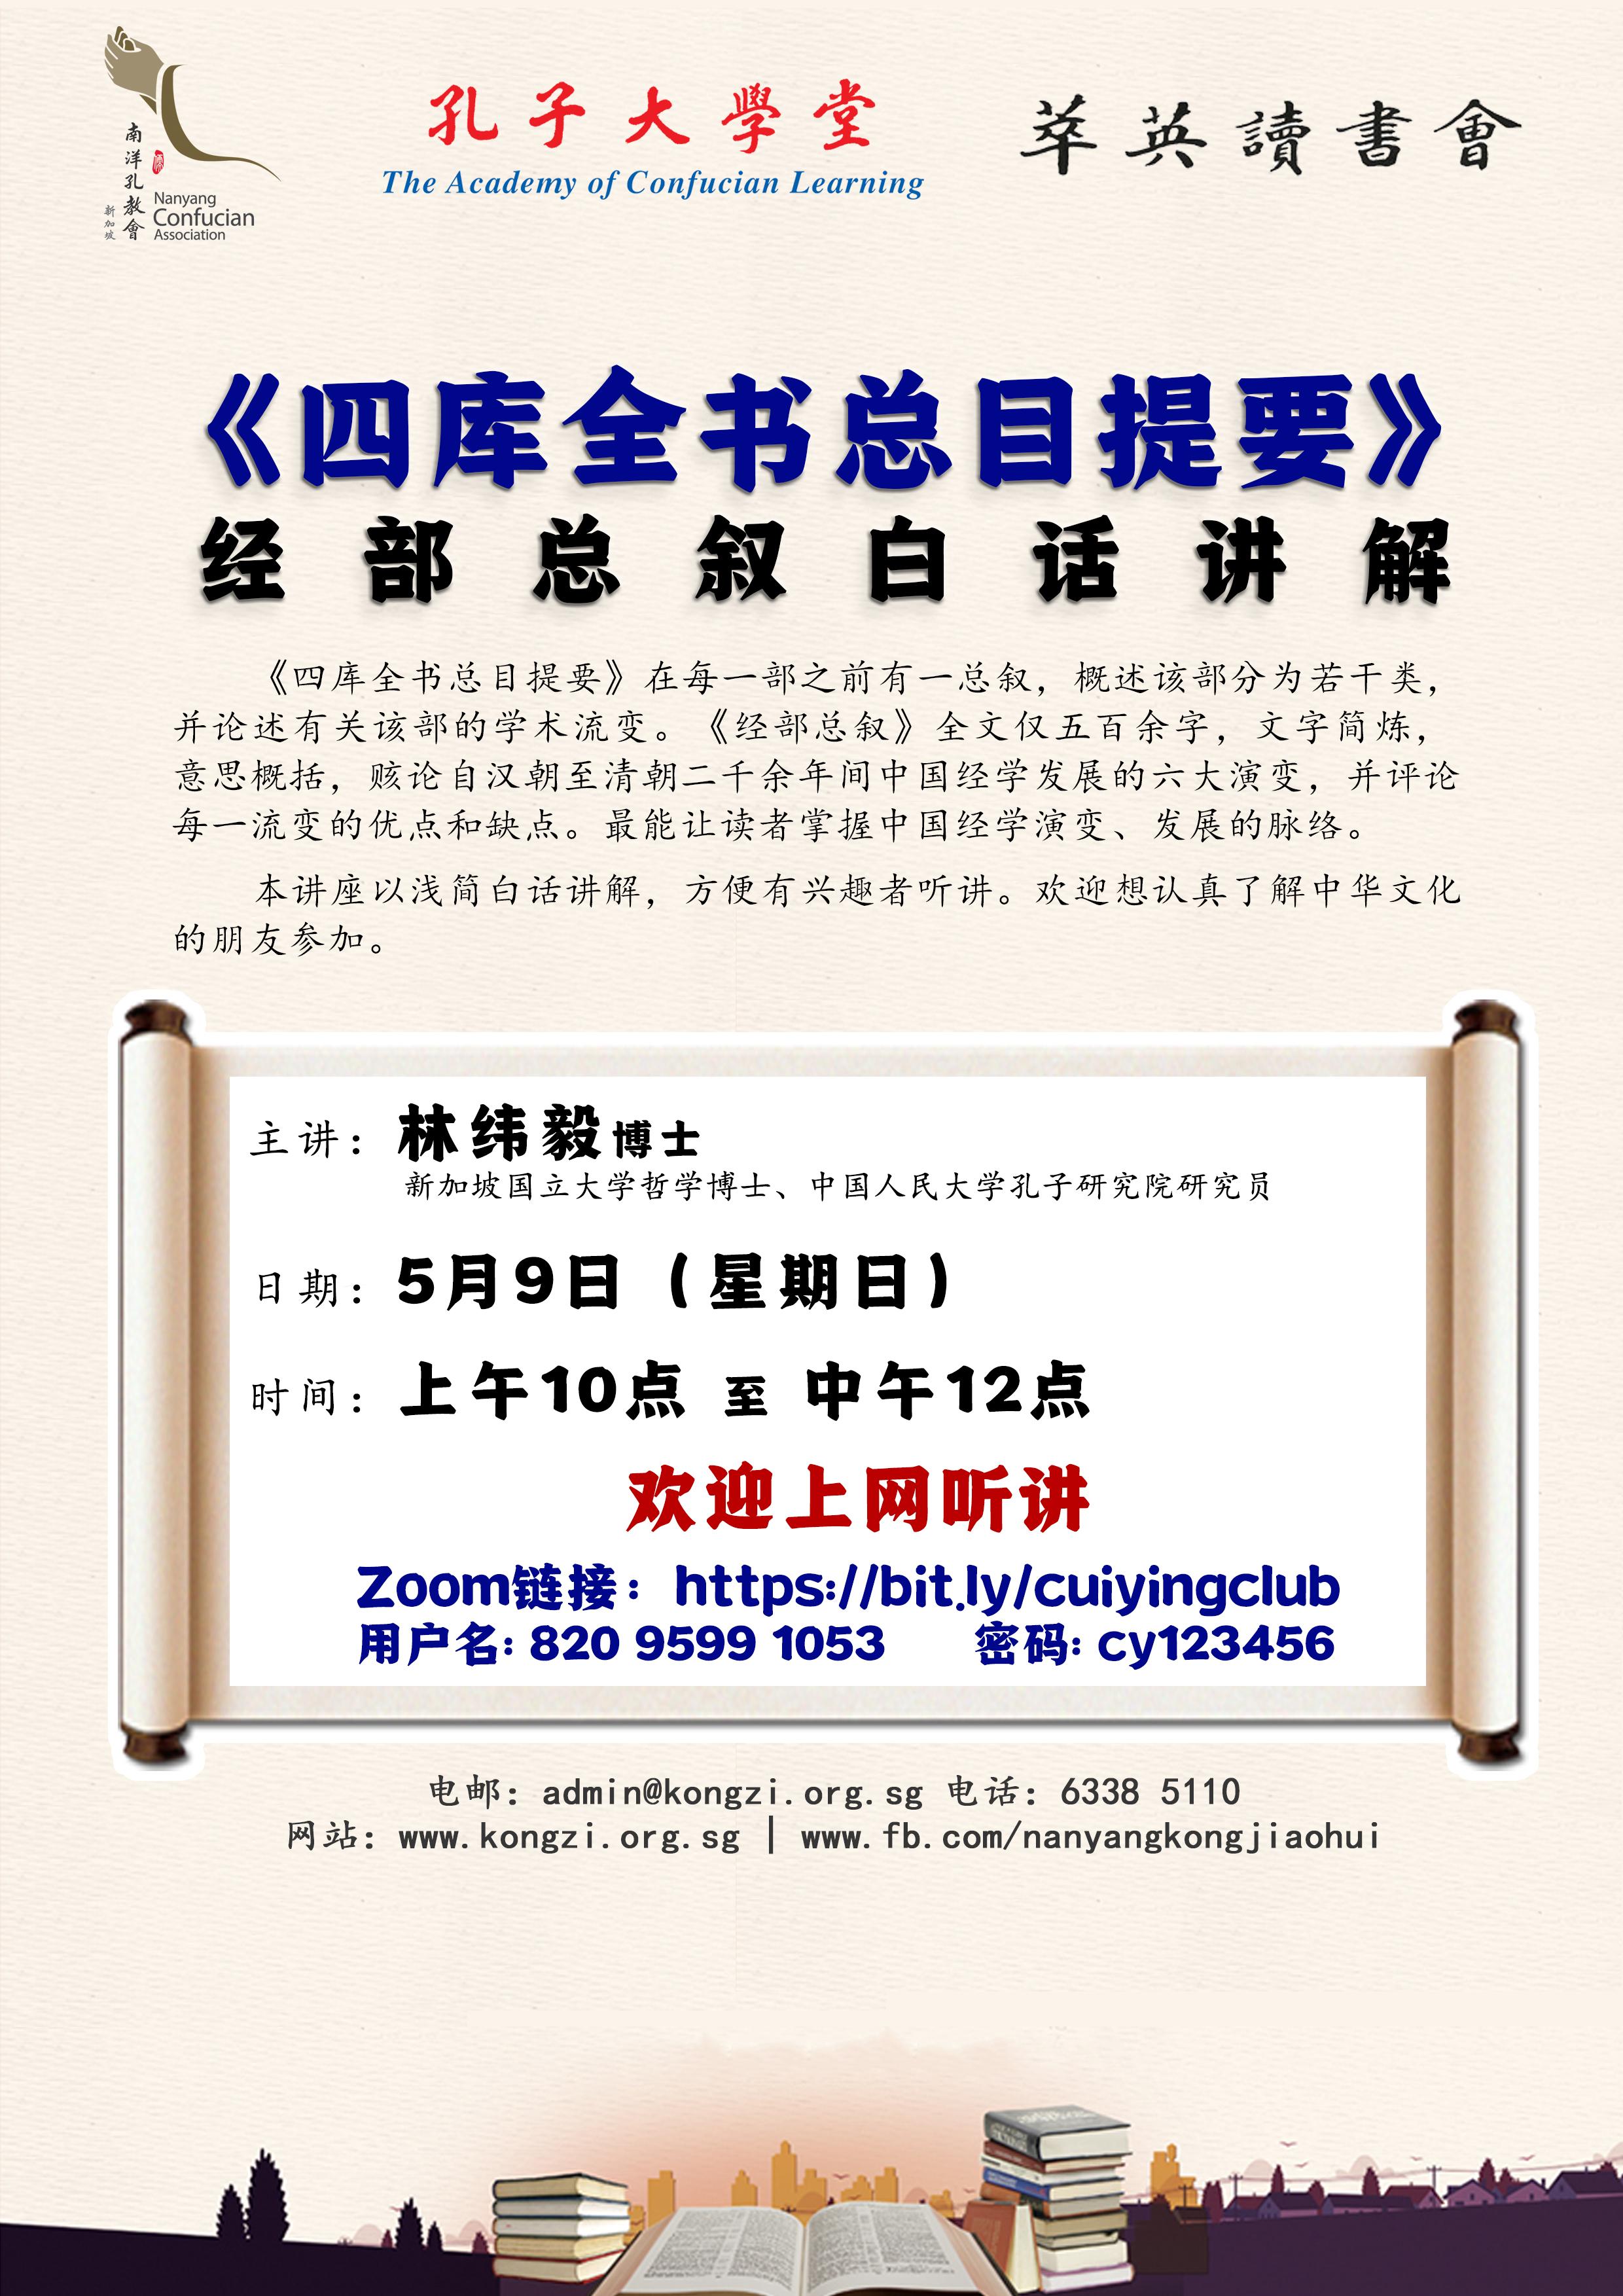 【线上讲座】《四库全书总目提要》经部总叙白话讲解